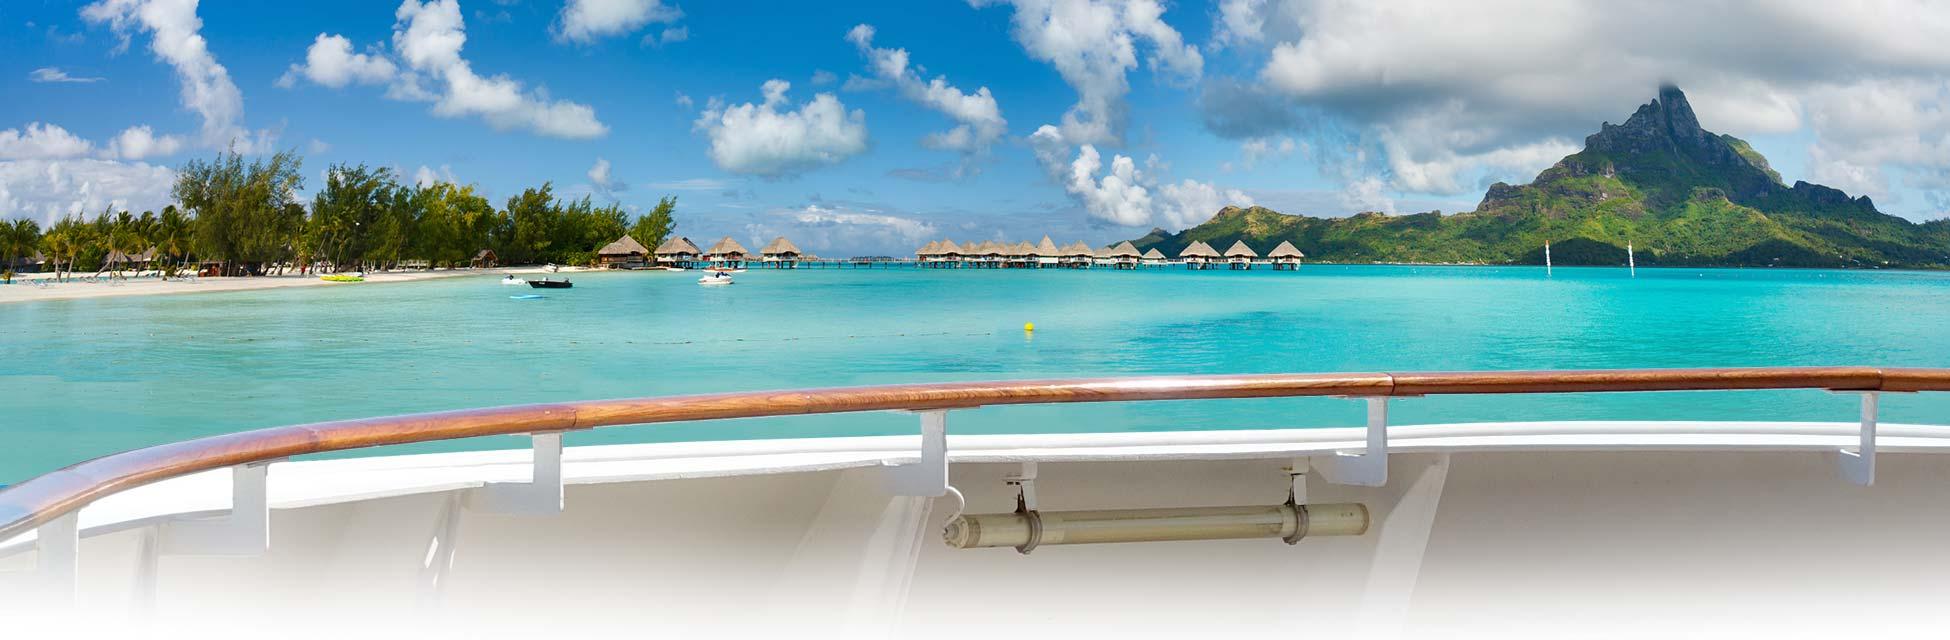 hawaii en de stille zuidzee